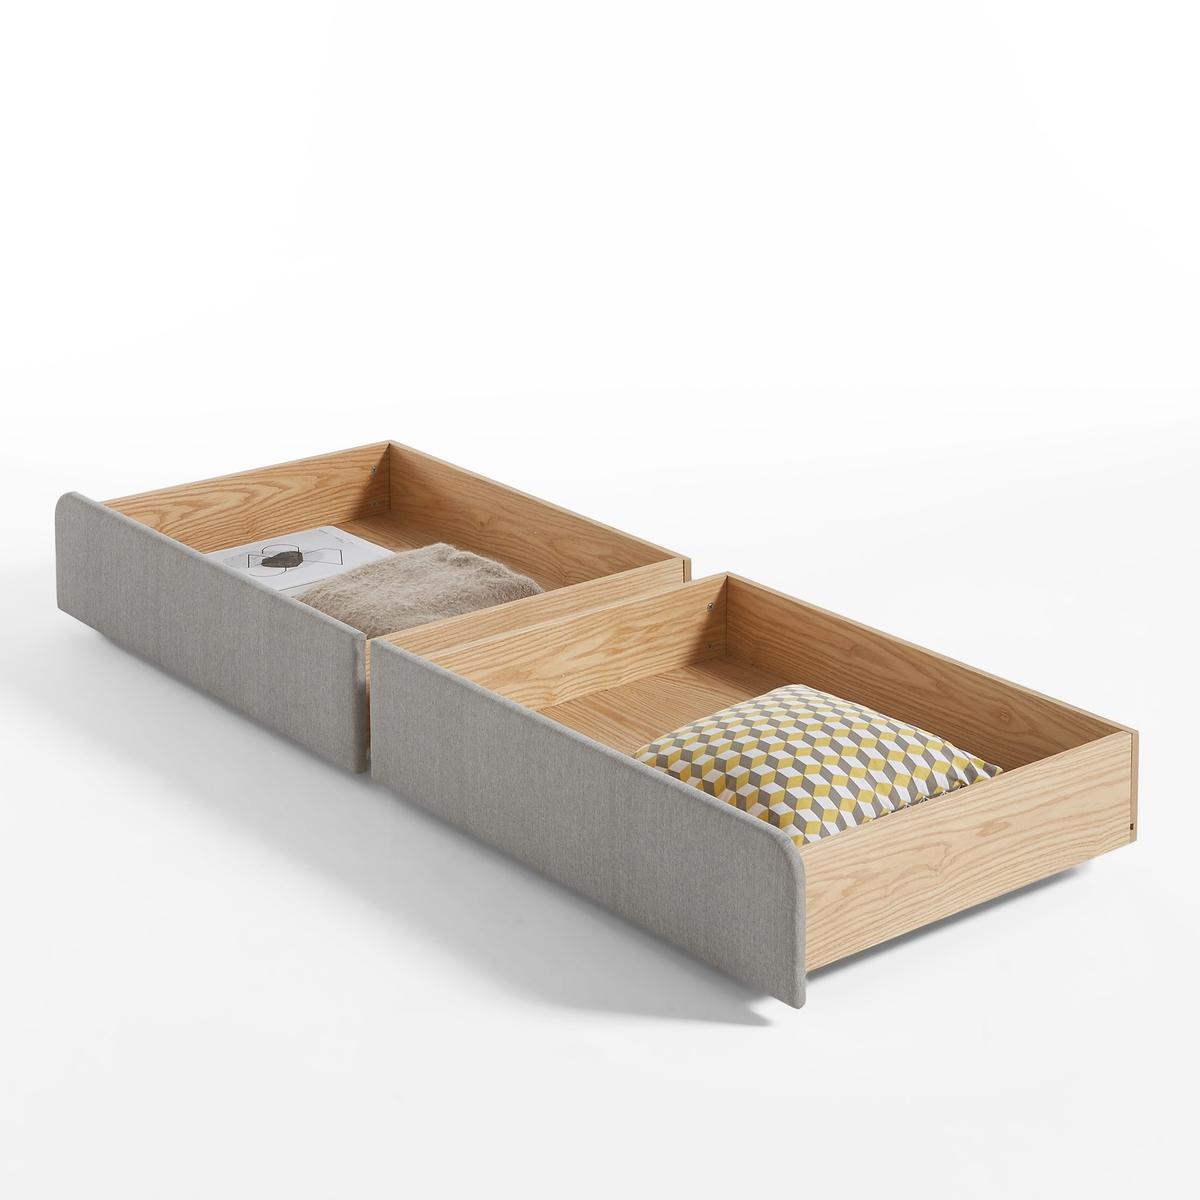 Ящики для подкроватного хранения  ELORI (2 шт.)Комплект из 2 ящиков для подкроватного хранения  ELORI. Подходит для кровати Elori, продающейся на нашем сайте.Незаметные ящики для хранения позволяют экономить пространство.Характеристики 2 ящиков для подкроватного хранения ELORI :- Каркас из сосновой фанеры и МДФ из ясеня. - Отделка нитроцеллюлозным лаком.- Фасад с наполнителем из полиэфирной пены 20 кг/м?.- Тканевая обивка из 100 % полиэстера.- На однонаправленных колесиках.Все предметы мебели для спальни Вы найдете на laredoute.ruРазмеры 2 ящиков для хранения Elori :- Для кровати 140 x 190 см:Ш. 92,5 см.Г. 69,5 см.В. 22 см.Полезные размеры :Ш. 81,5 см.Г. 65,5 см.В. 13 см.Для кровати 160 x 200 см:Ш. 97,5 см.Г. 69,5 см.В. 22 см.Полезные размеры :Ш. 86,5 см.Г. 65,5 см.В. 13 см.Размеры и вес упаковки:1 упаковка :Размер 140 : Ш.100 x В.15 x Г.75 см. Вес 23 кг.Размер 160 : Ш.105 x В.15 x Г.75 см. Вес 24 кг.<br><br>Цвет: серый